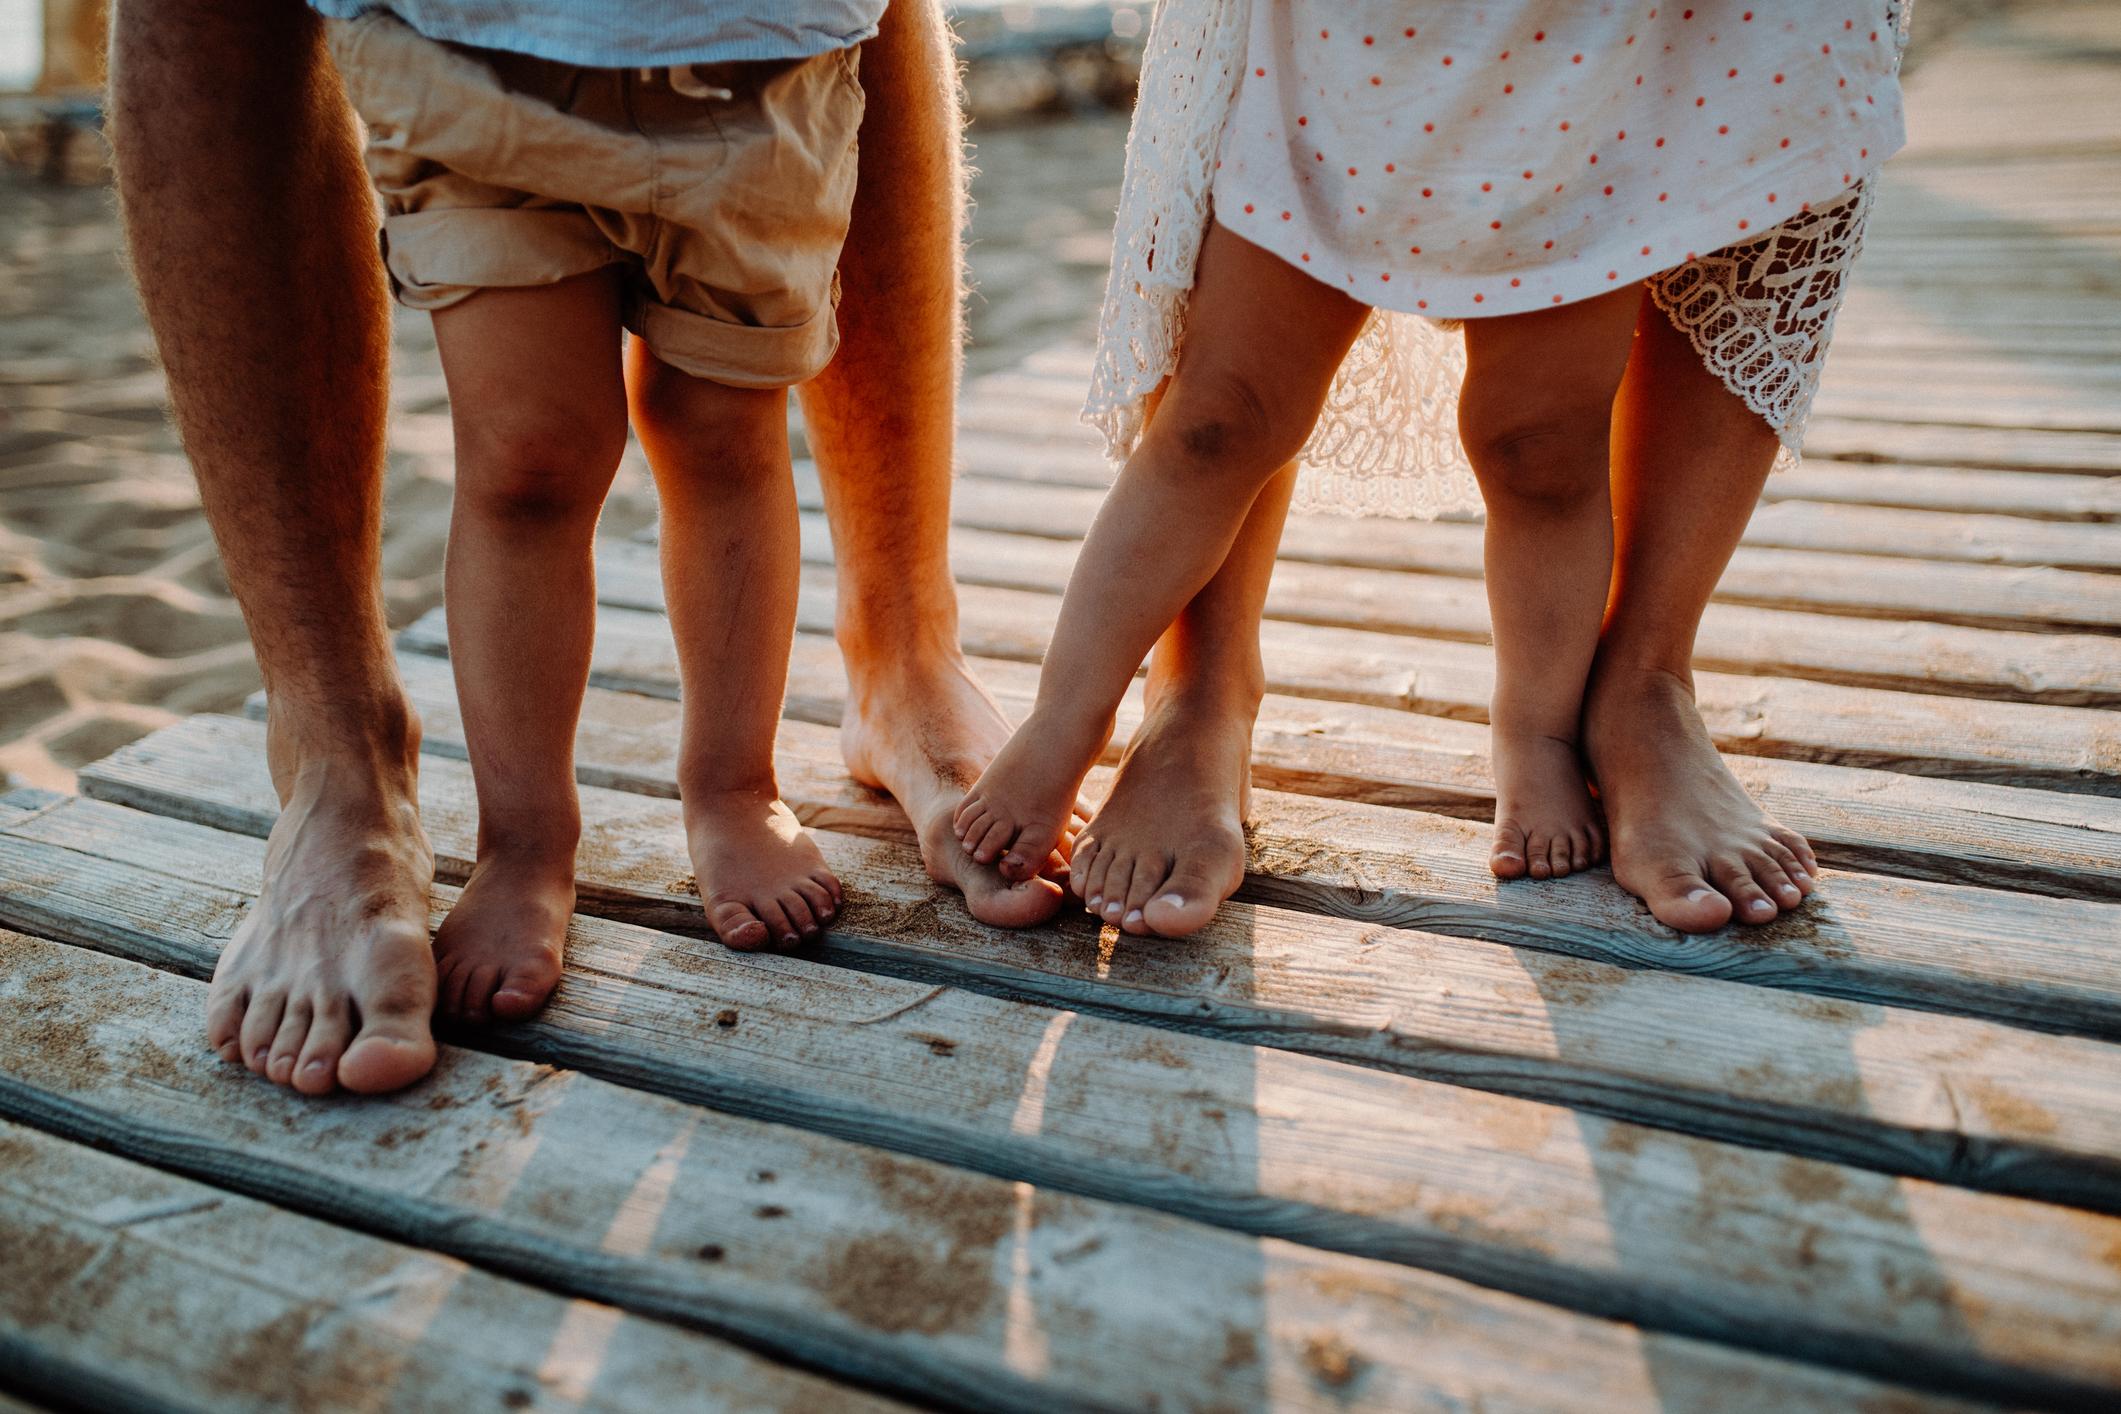 3+1 Ιδέες για οικονομικές διακοπές με όλη την οικογένεια